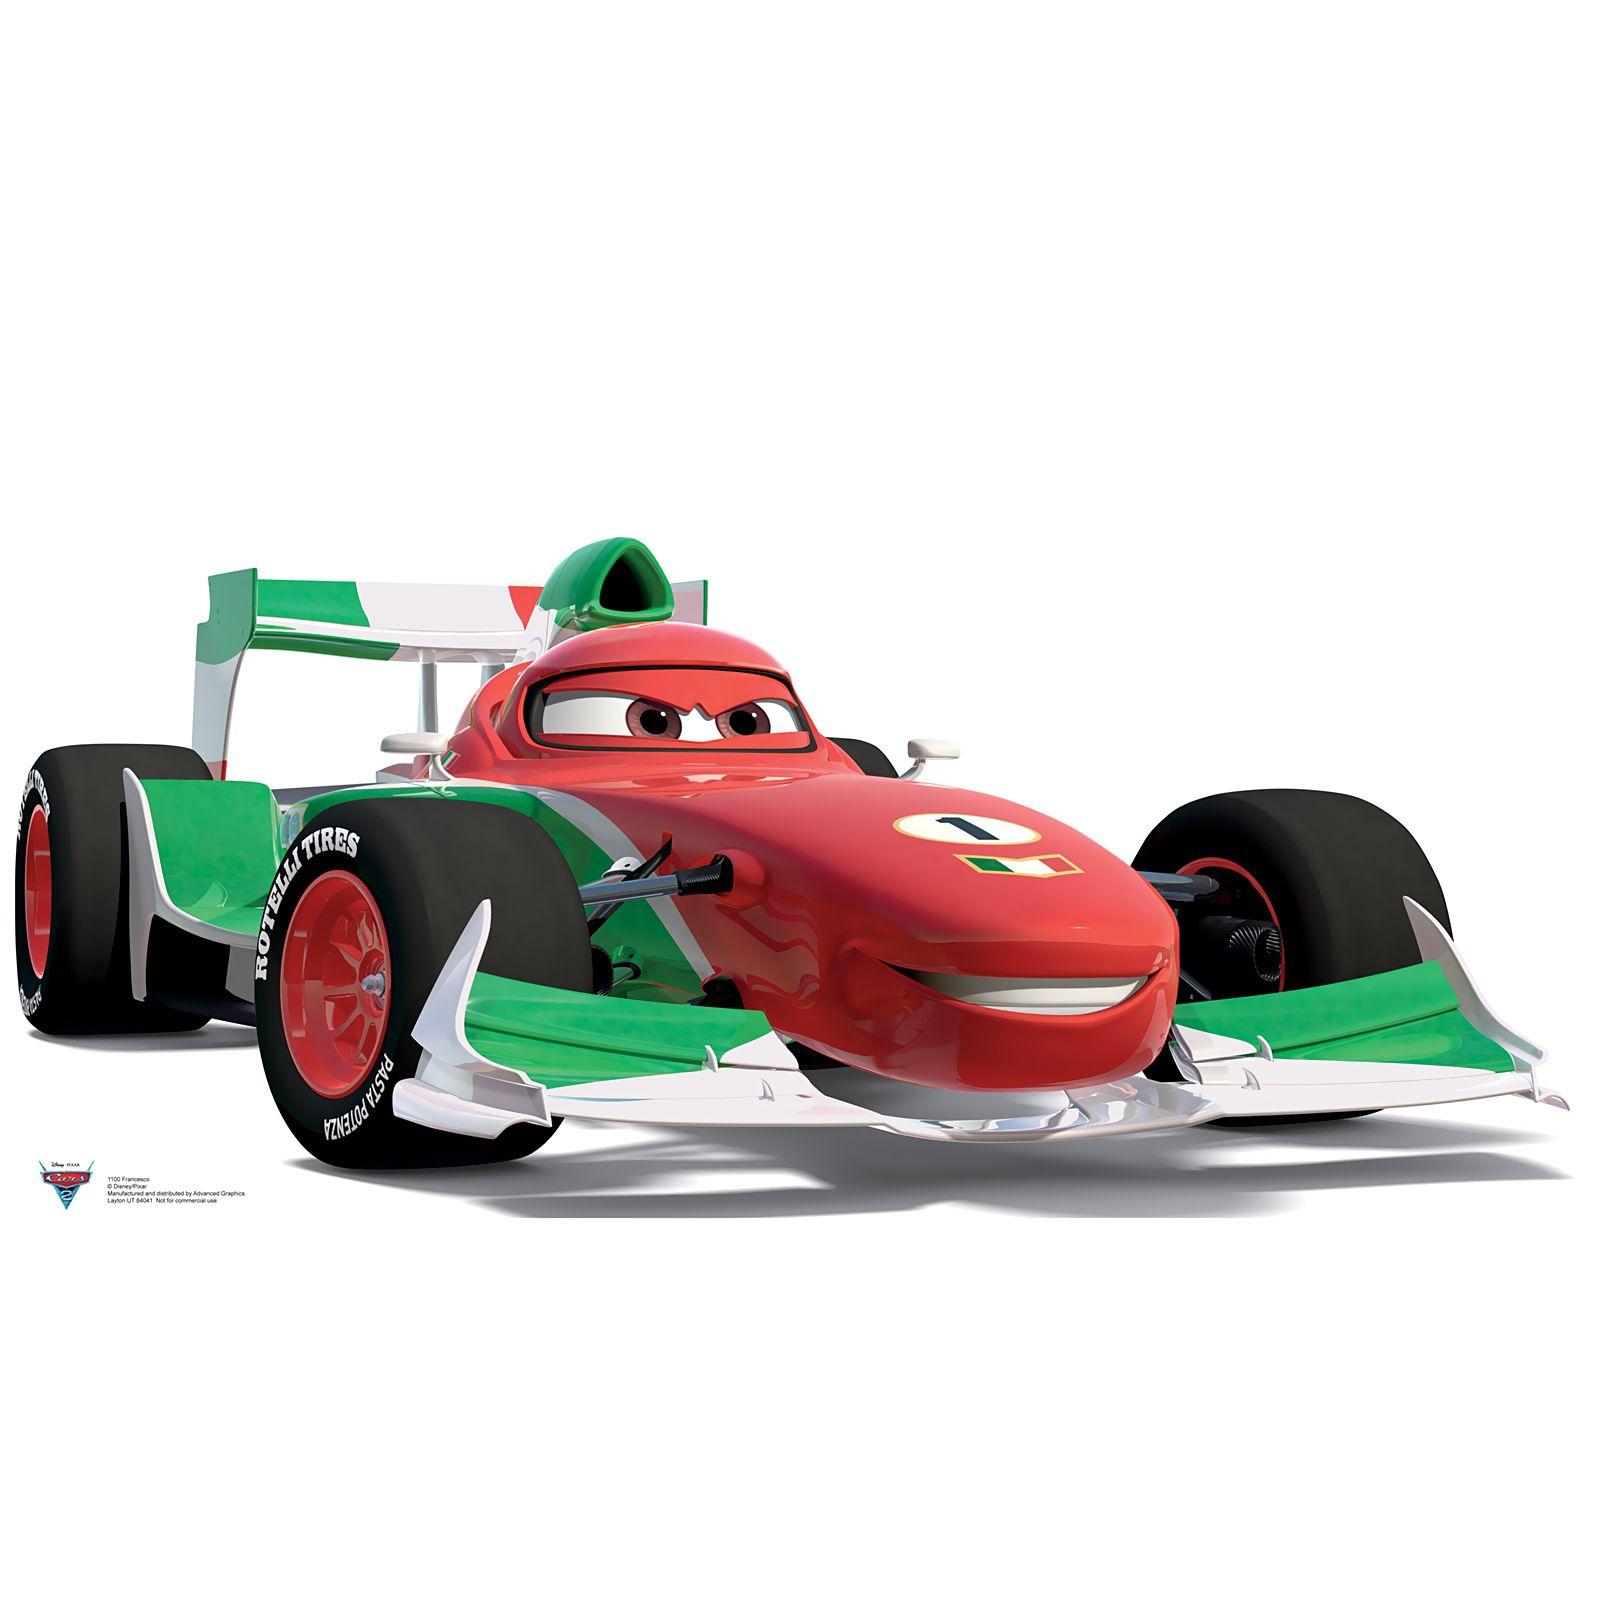 Coloring cars 2 games - Formula Disneys Cars Wallpaper Download Image Game Coloring Cars 2